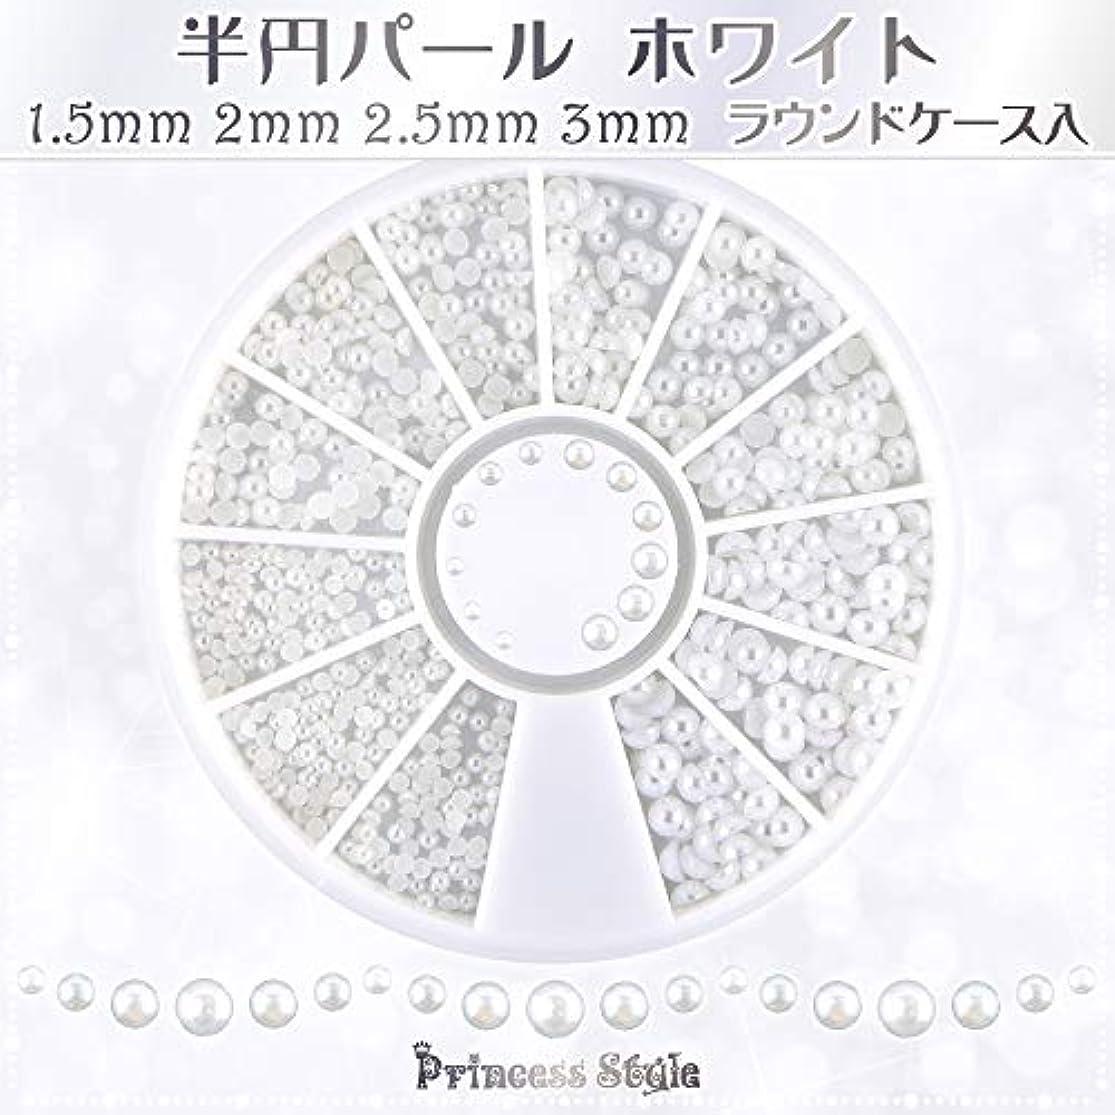 気球分配します入浴半円パール ホワイト ネイル デコ用 1.5mm,2mm,2.5mm,3mm ラウンドケース入